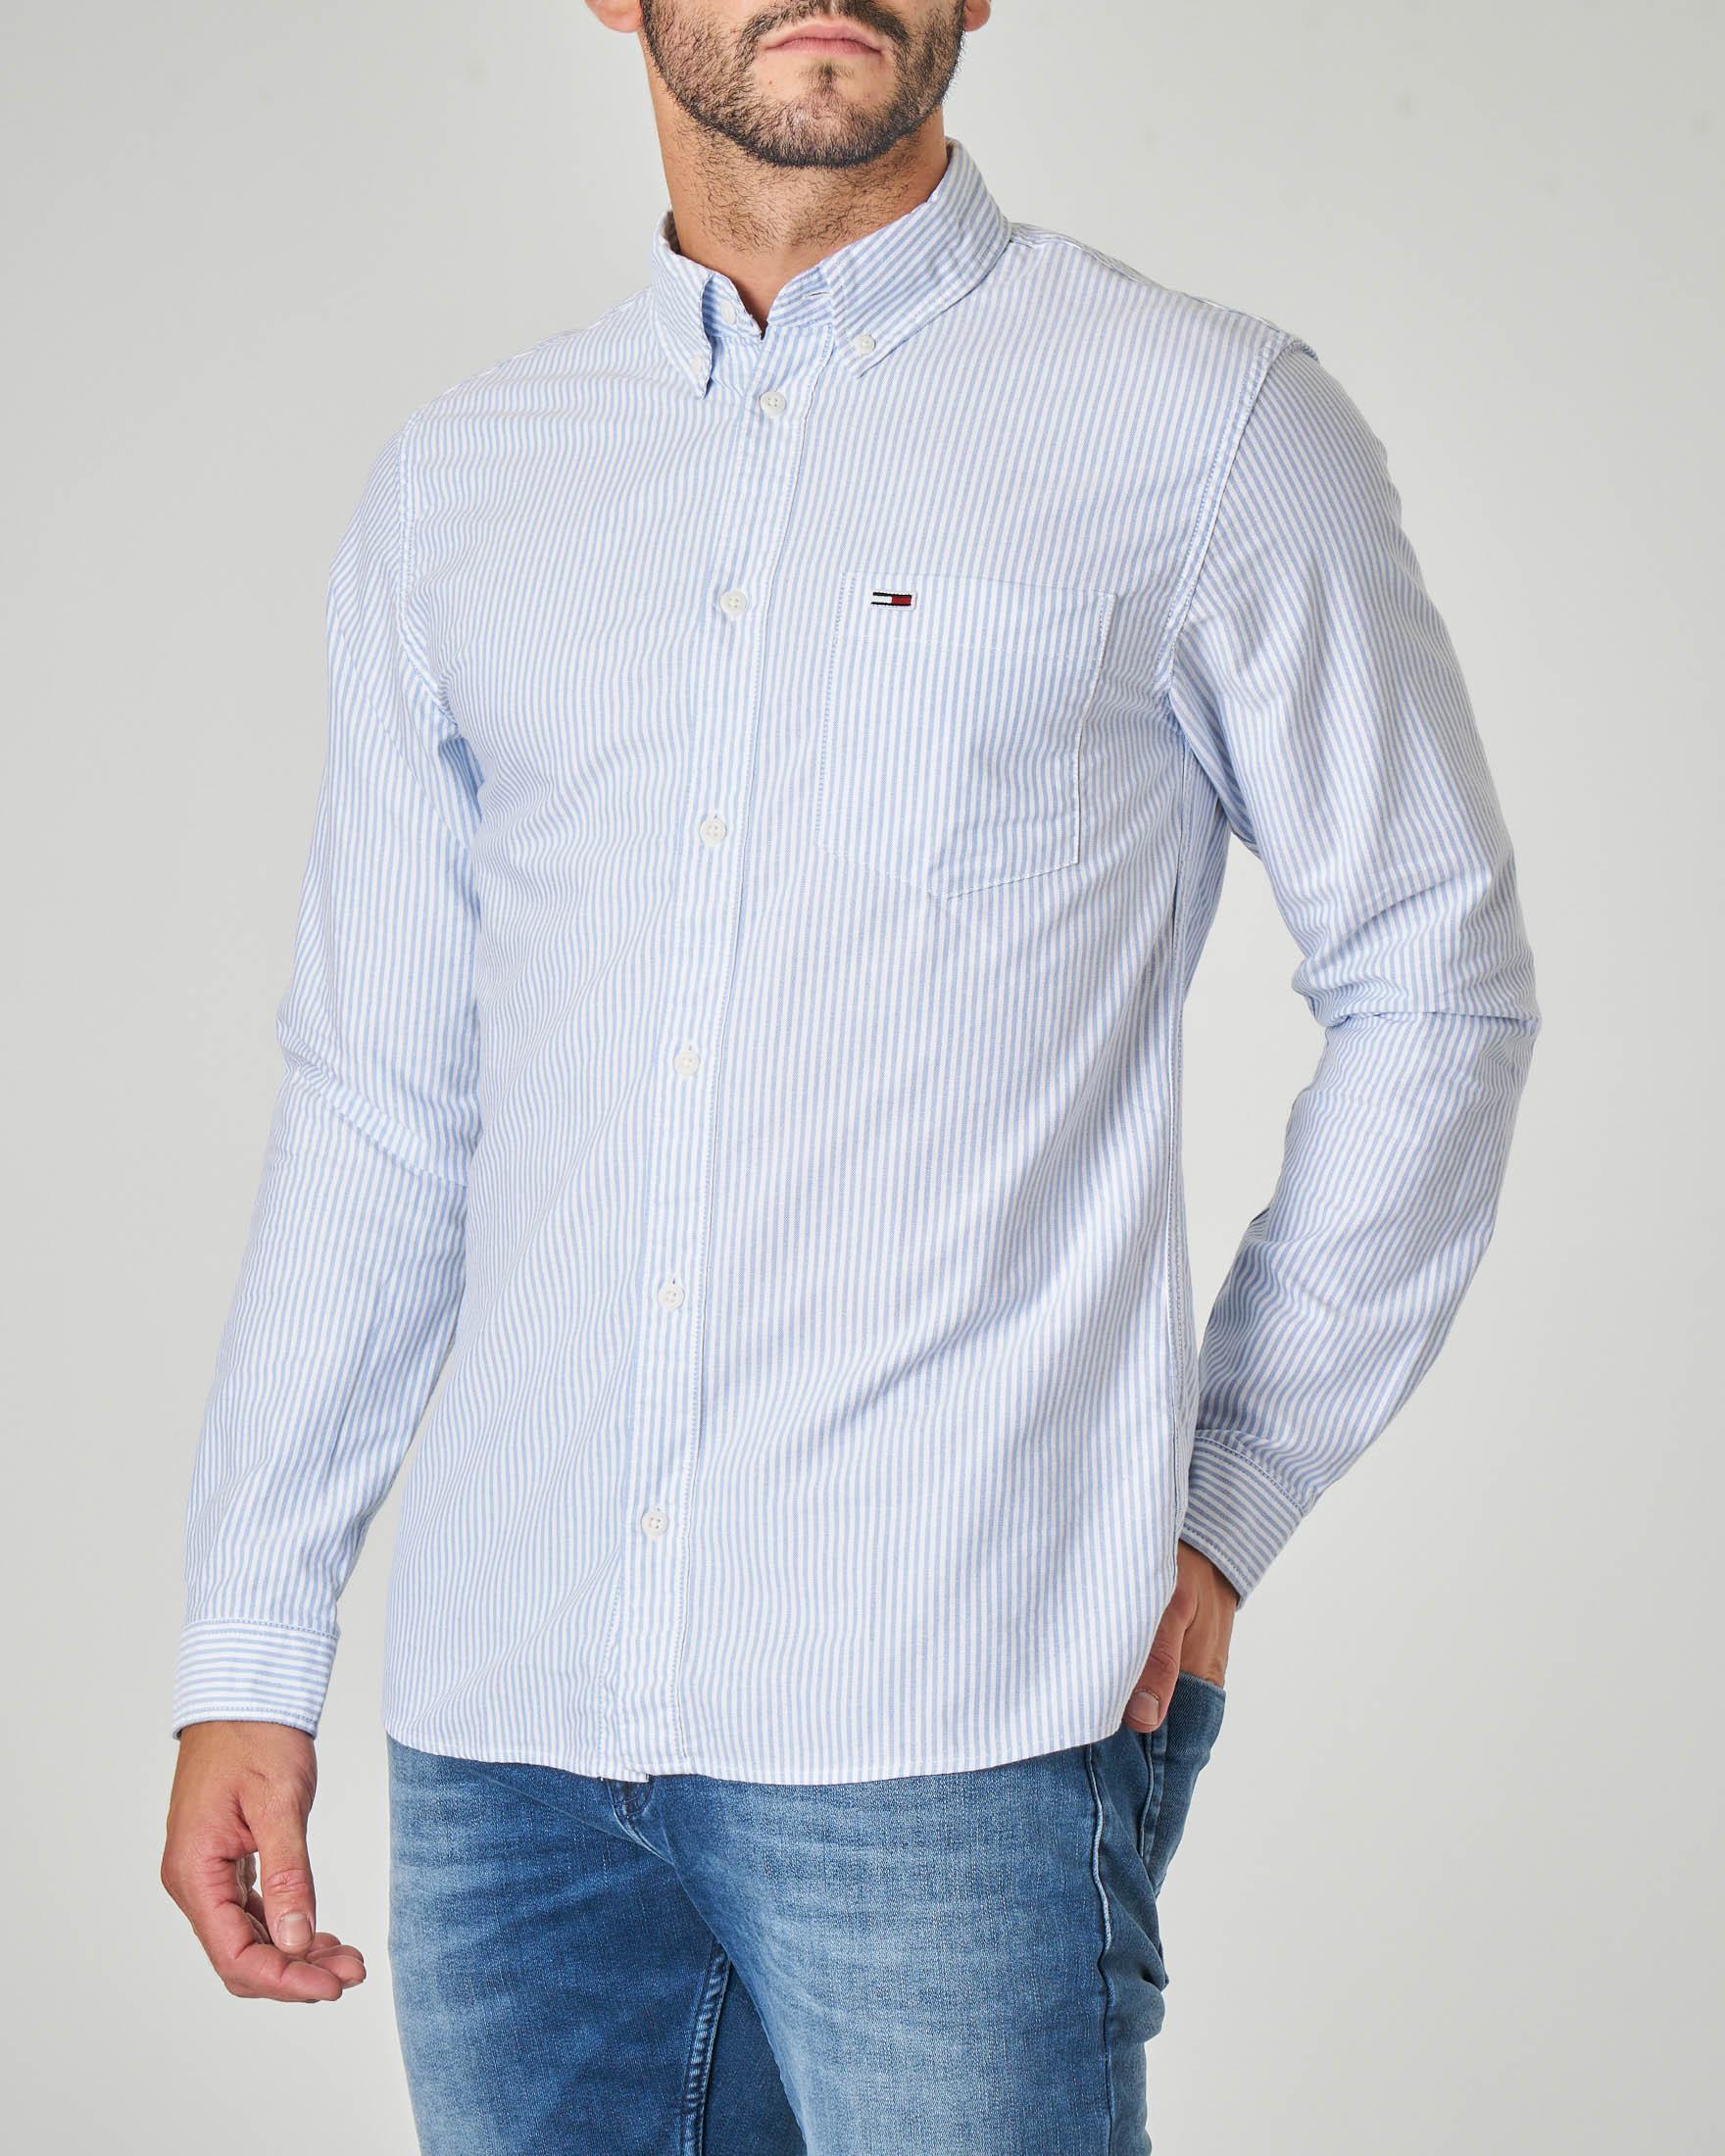 Camicia bastoncino bianco azzurro in Oxford di cotone